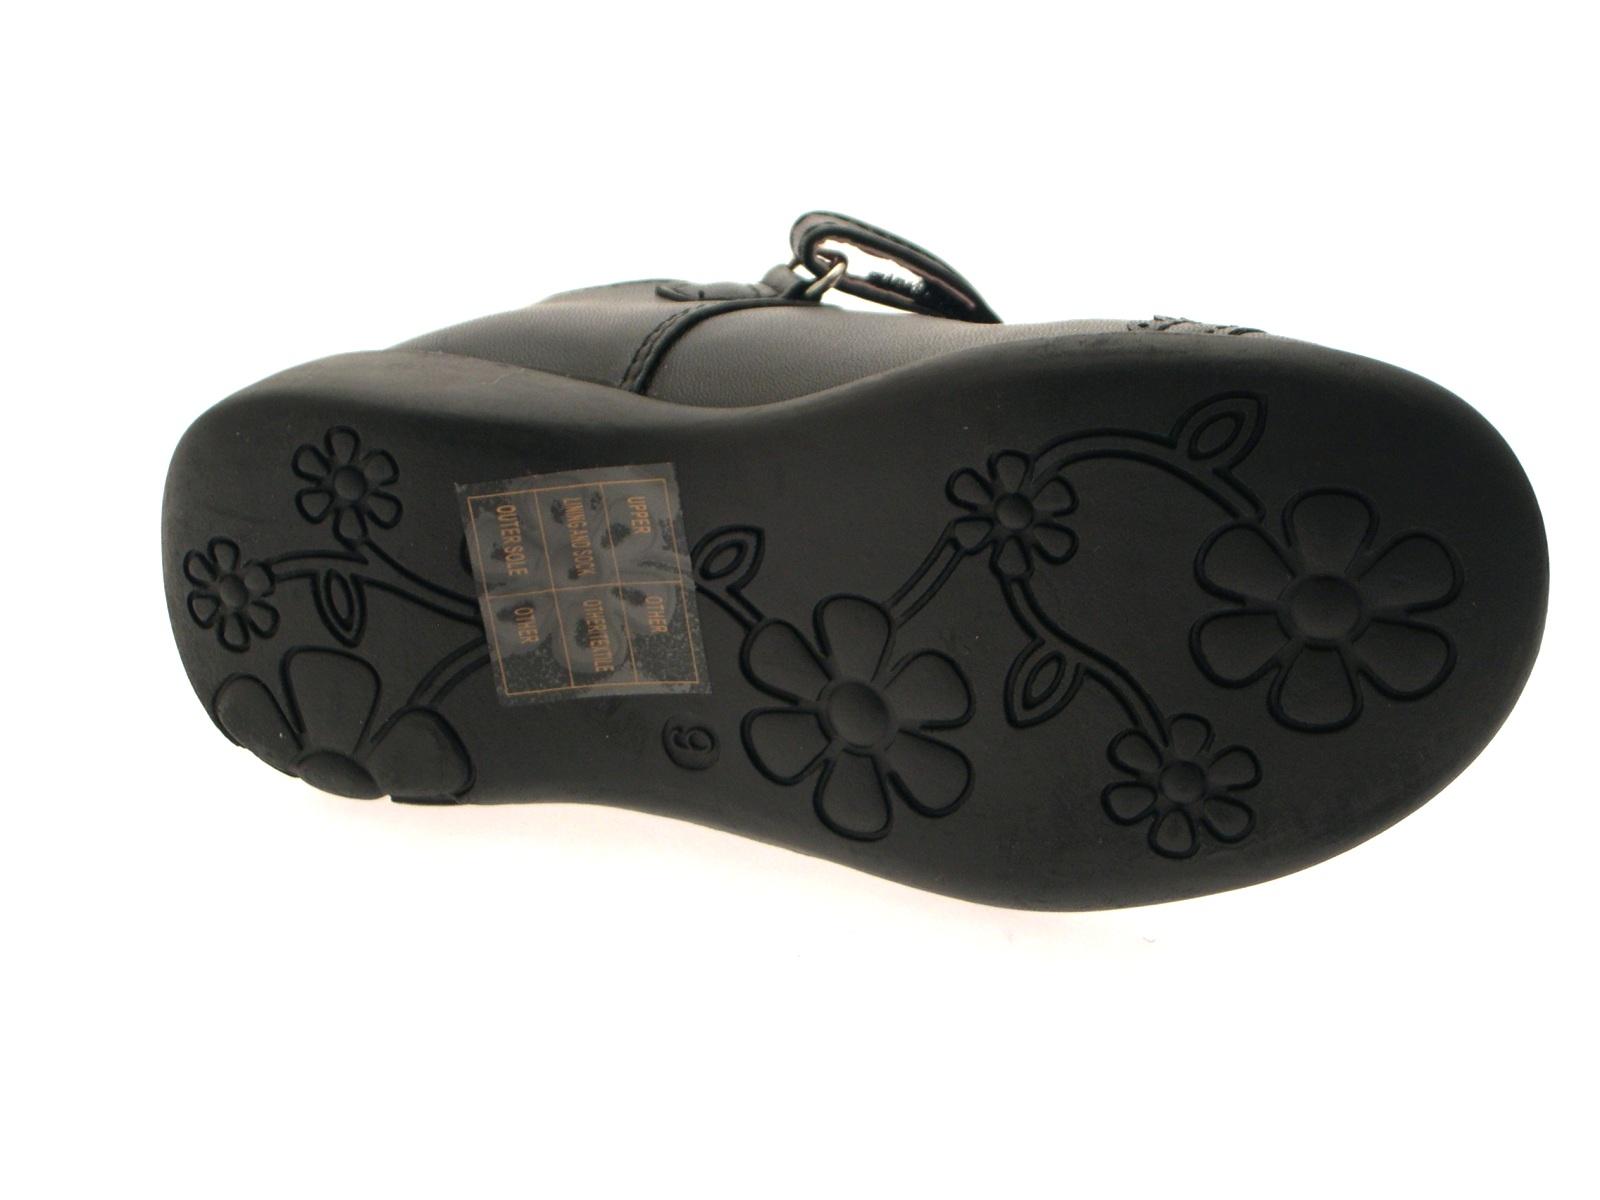 Charlatán Niñas Niños Negro Zapatos Escolares Tbar Luces talón imitación cuero tamaño 4-12